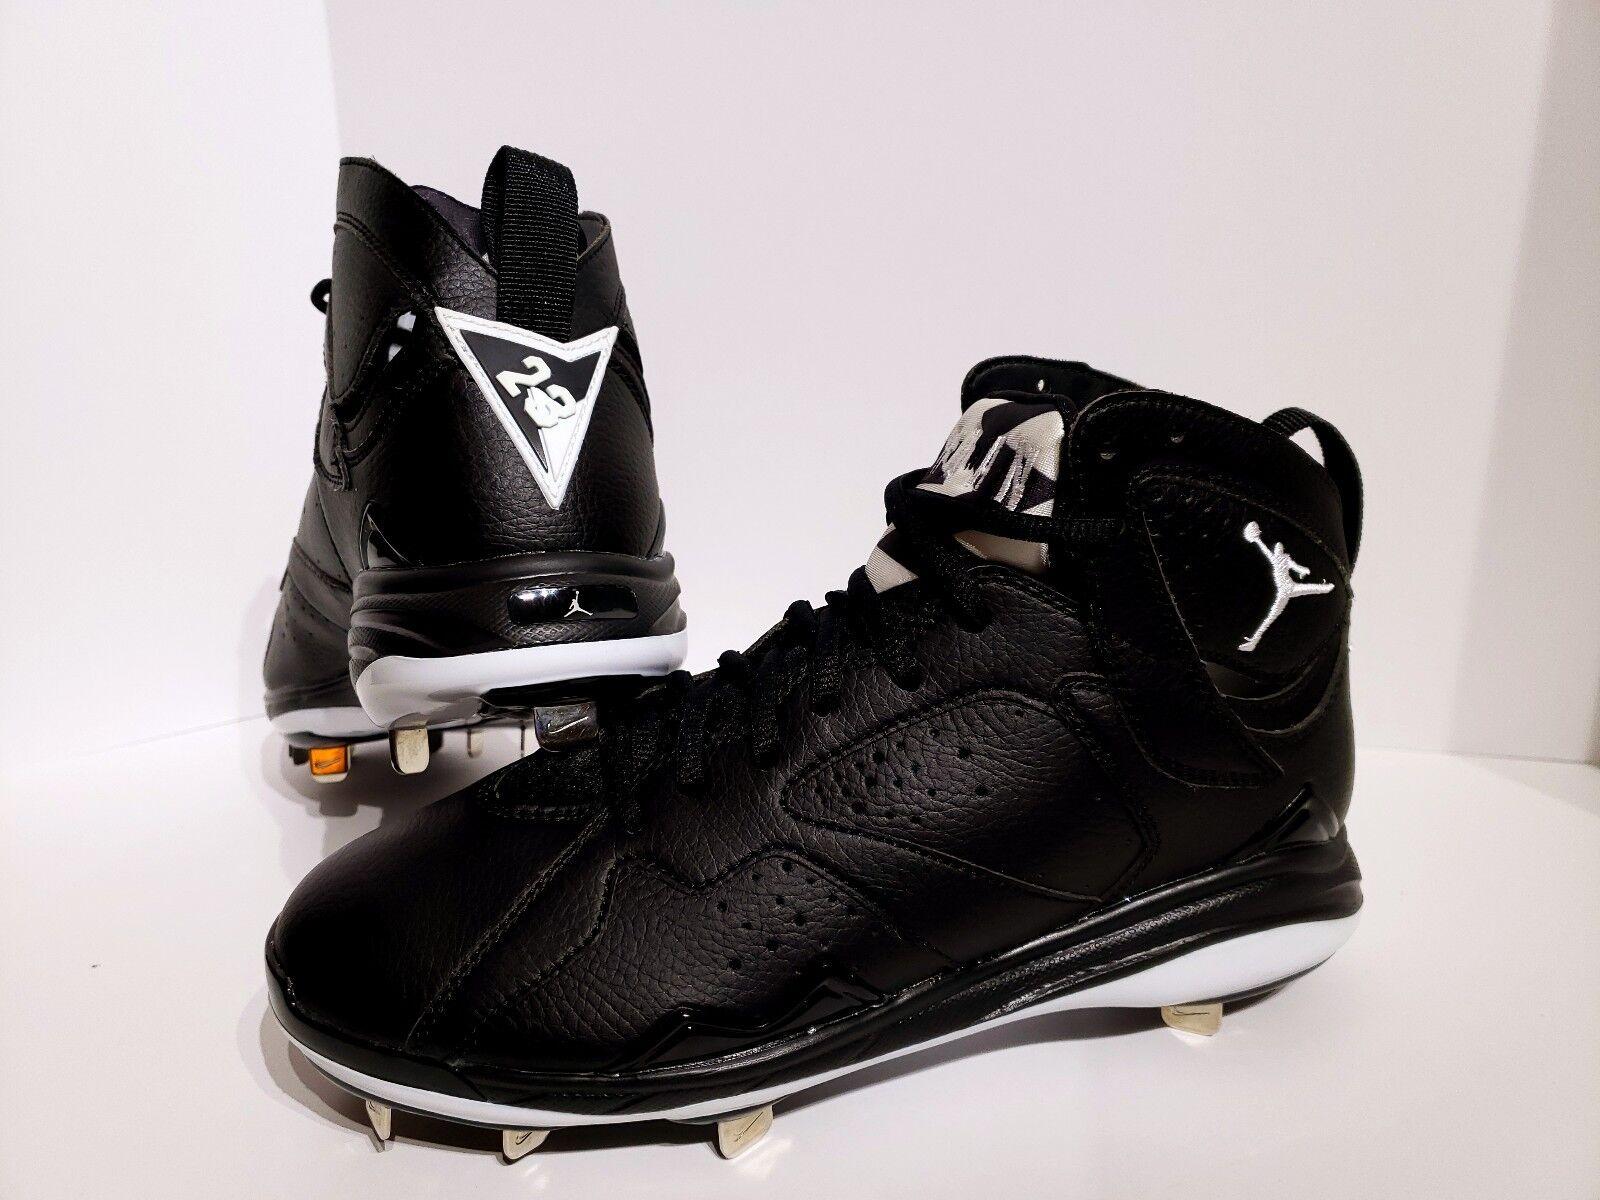 Nike Air Jordan Retro 7 Oreo Metal Baseball Cleats 684943-010 Mens Size 10.5